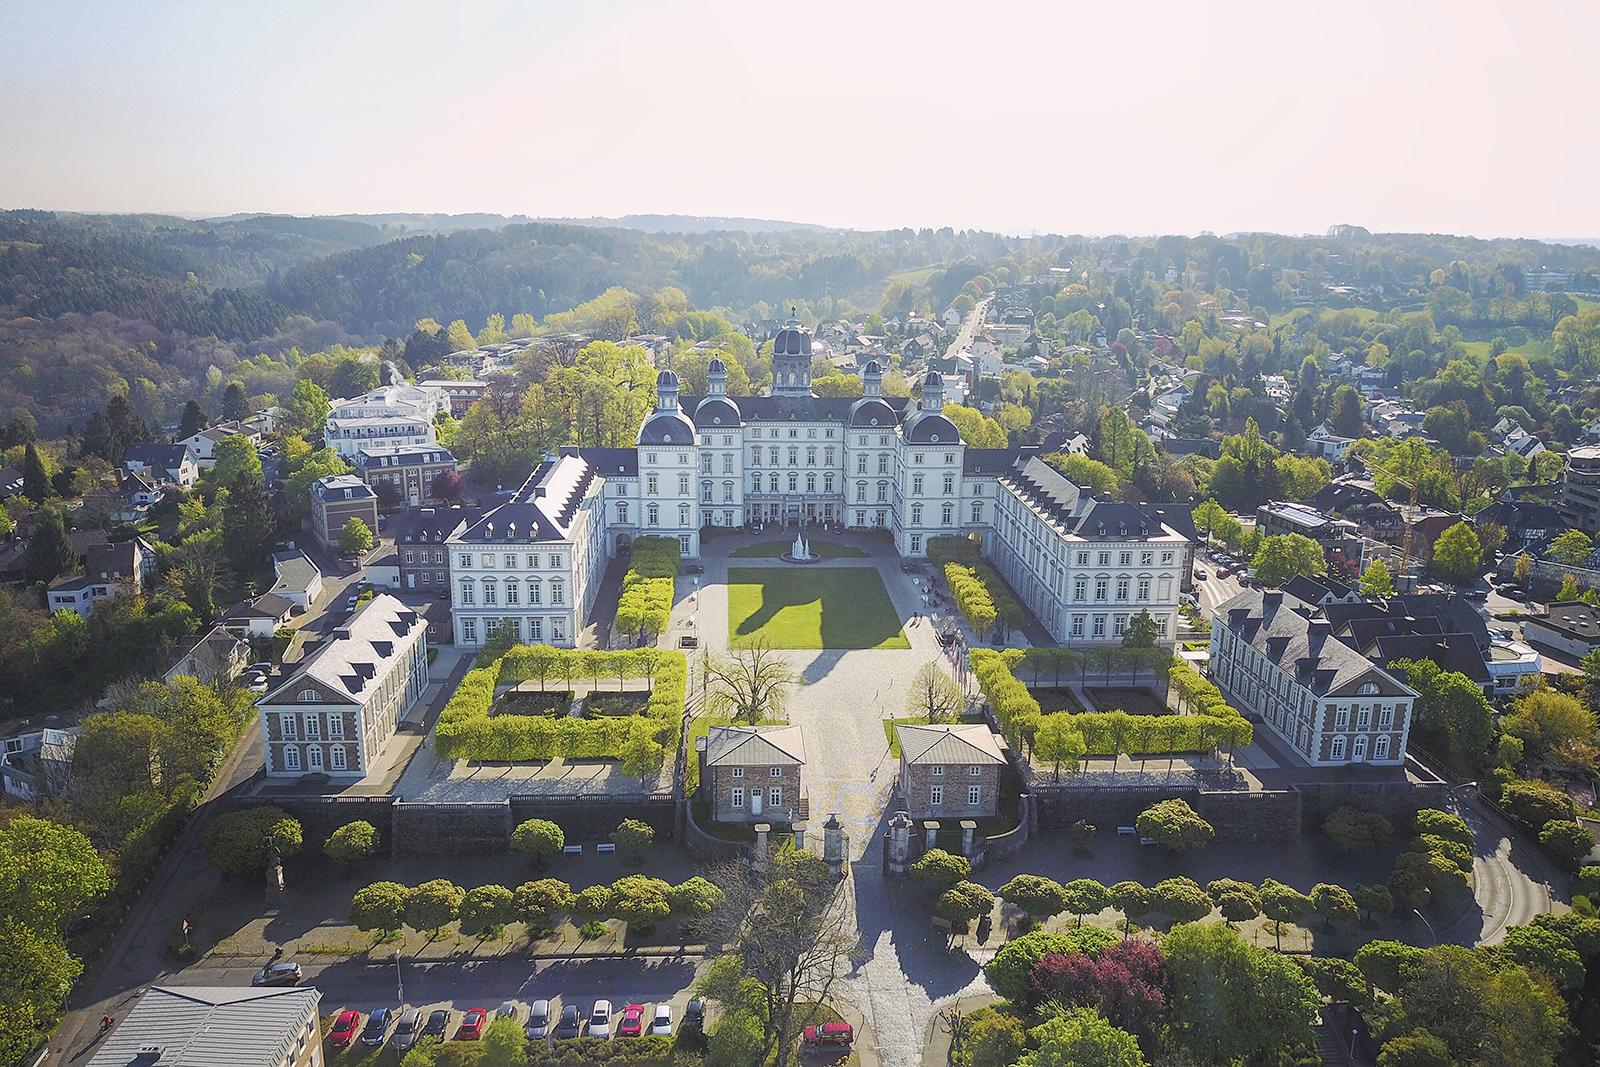 本斯伯格城堡Schloss Bensberg 可居住的城堡与米其林三星